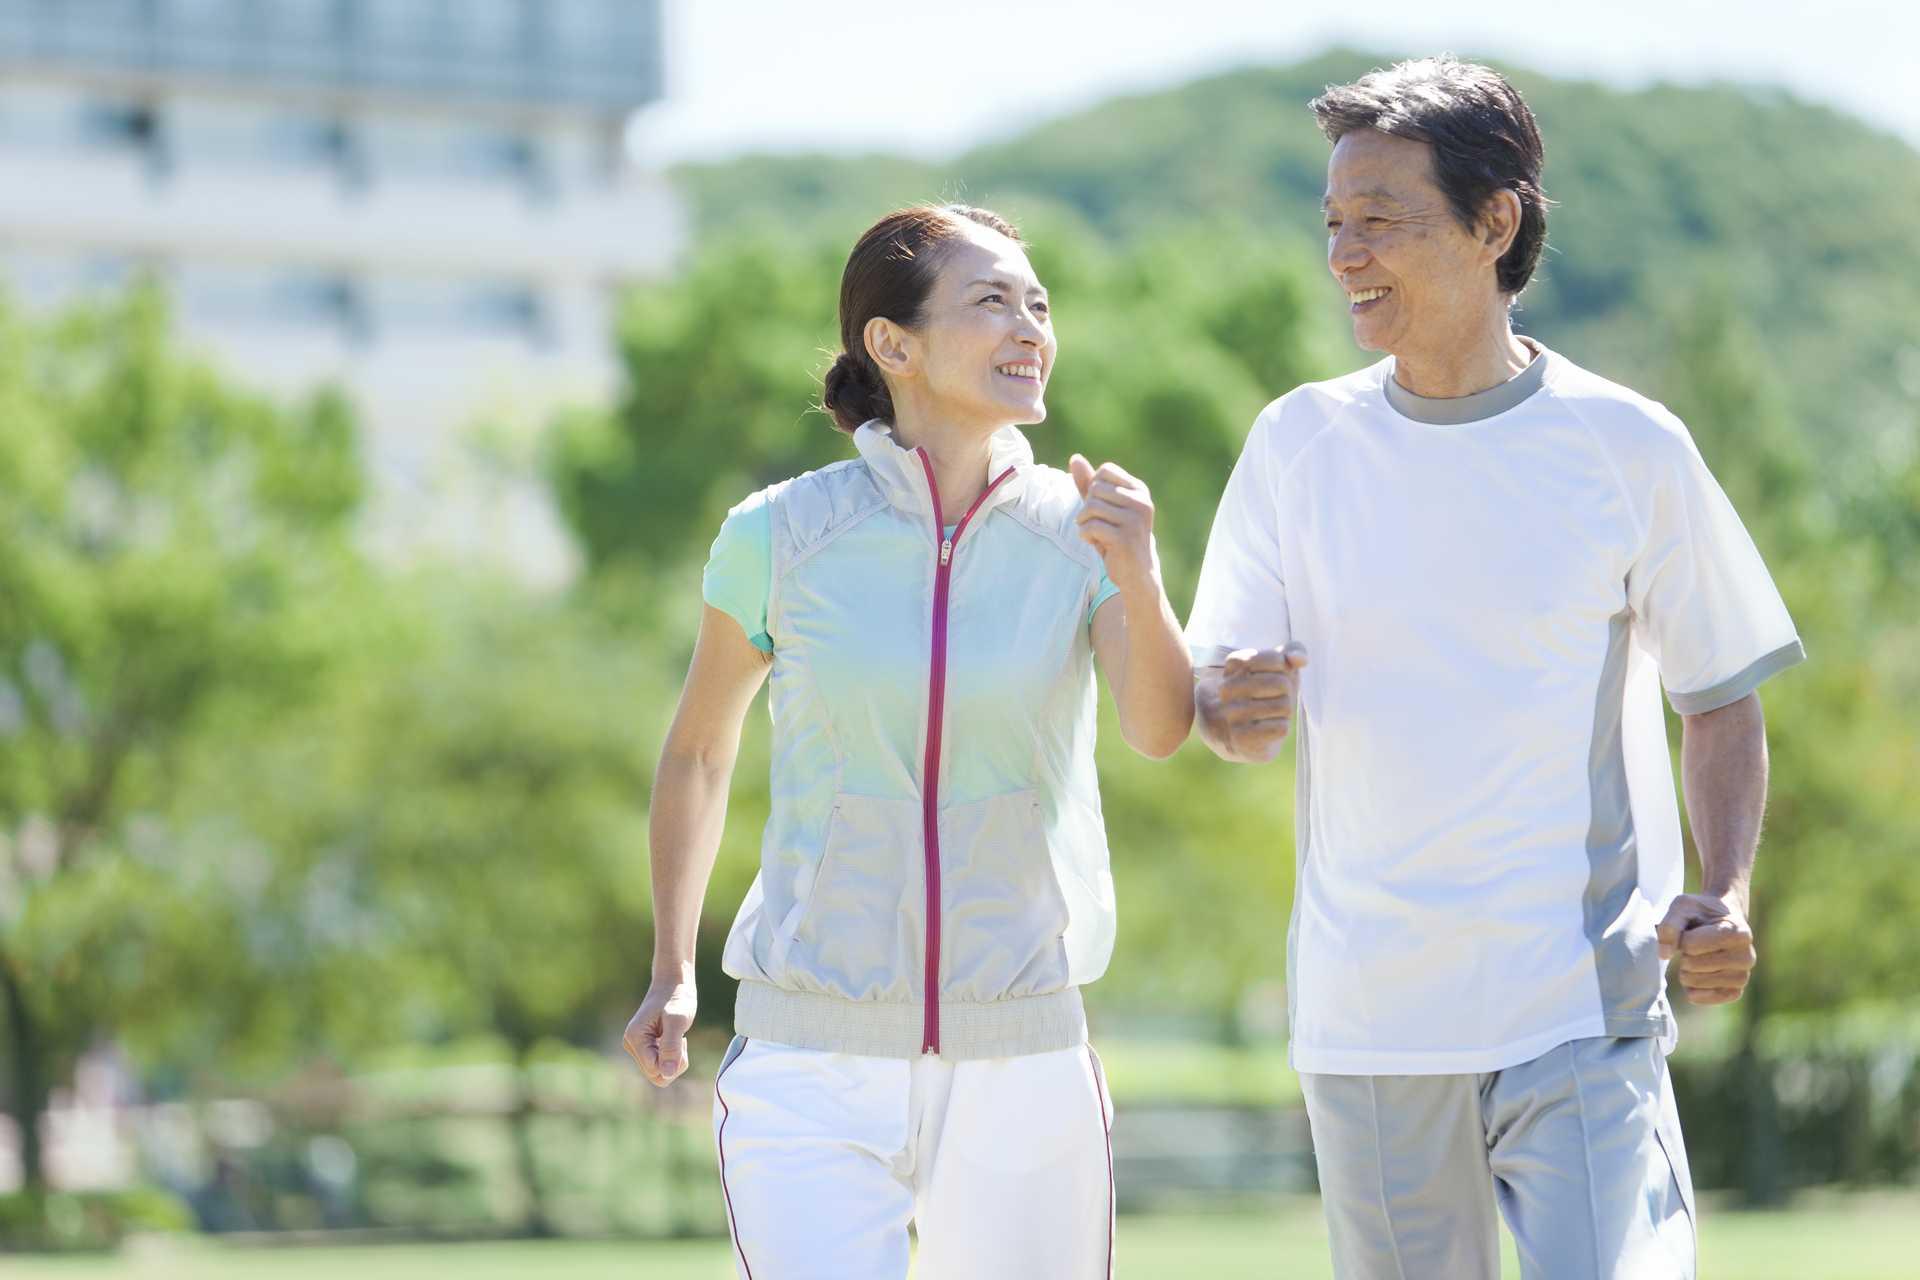 年を取るにつれて、運動量は増やさなければいけない。   健康のためになる30の散歩術